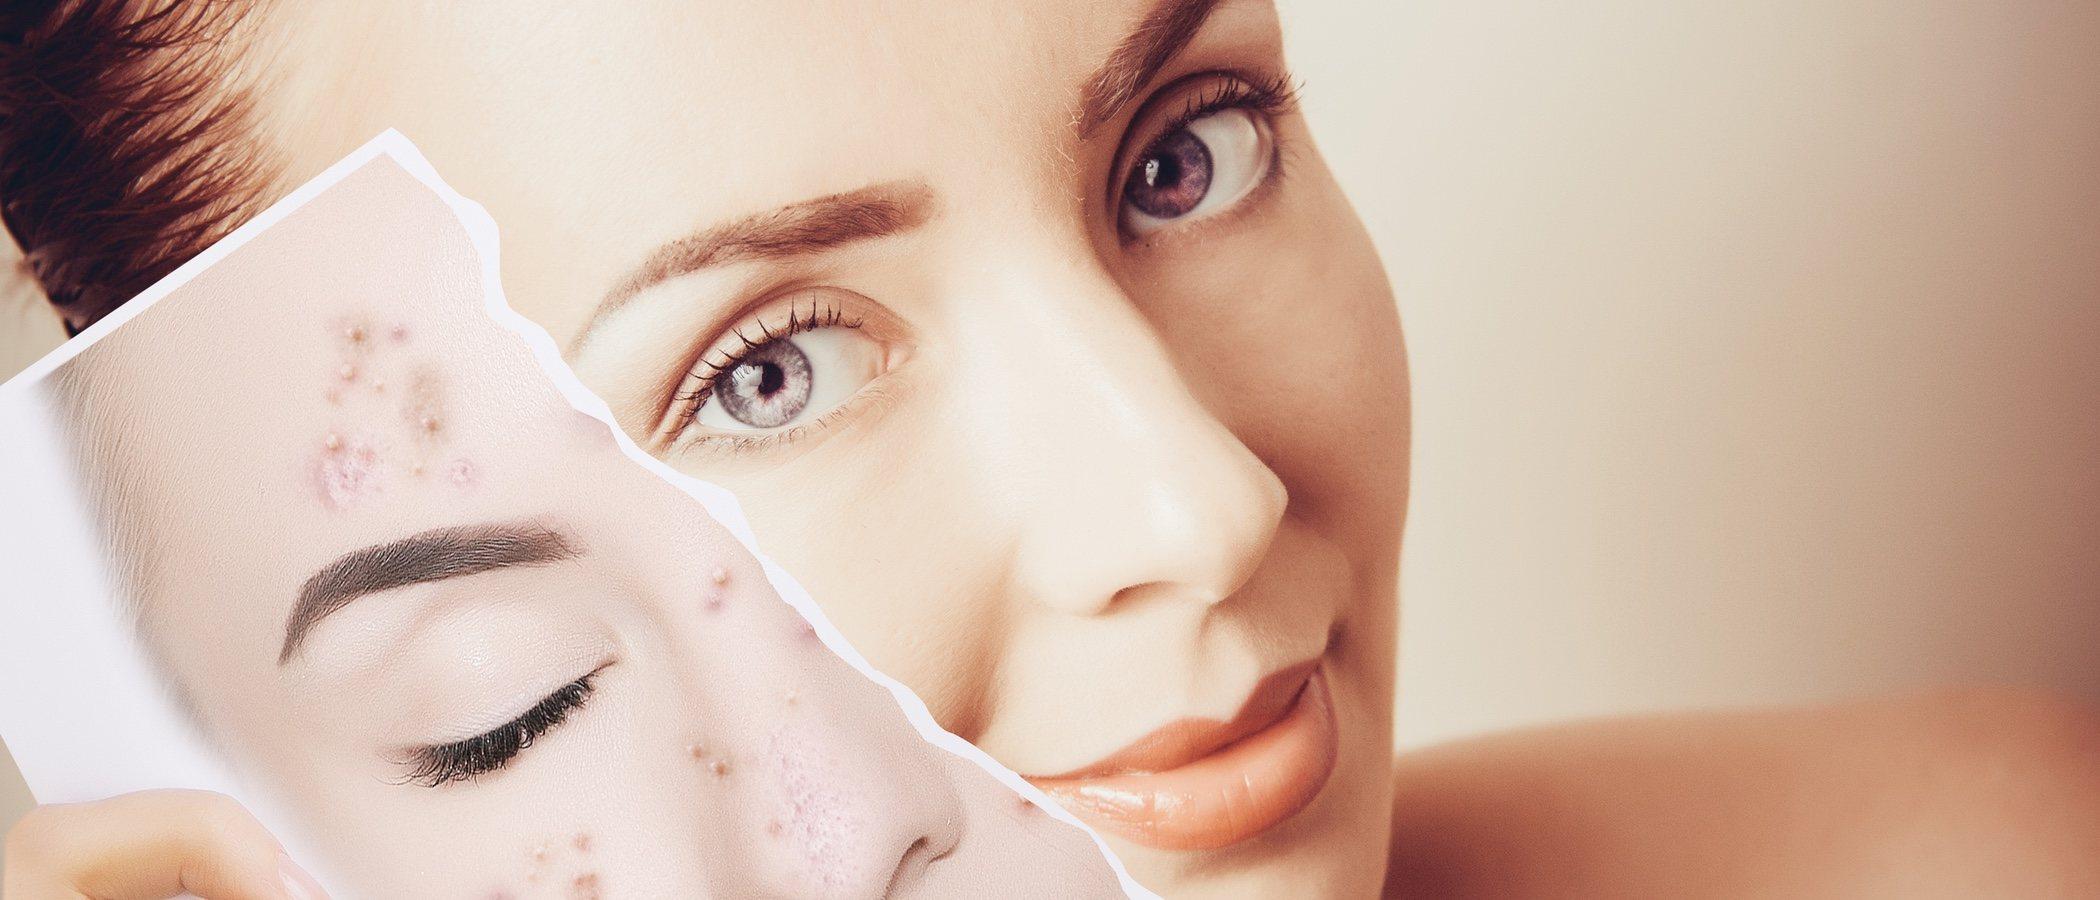 Mitos sobre el acné: verdades y mentiras